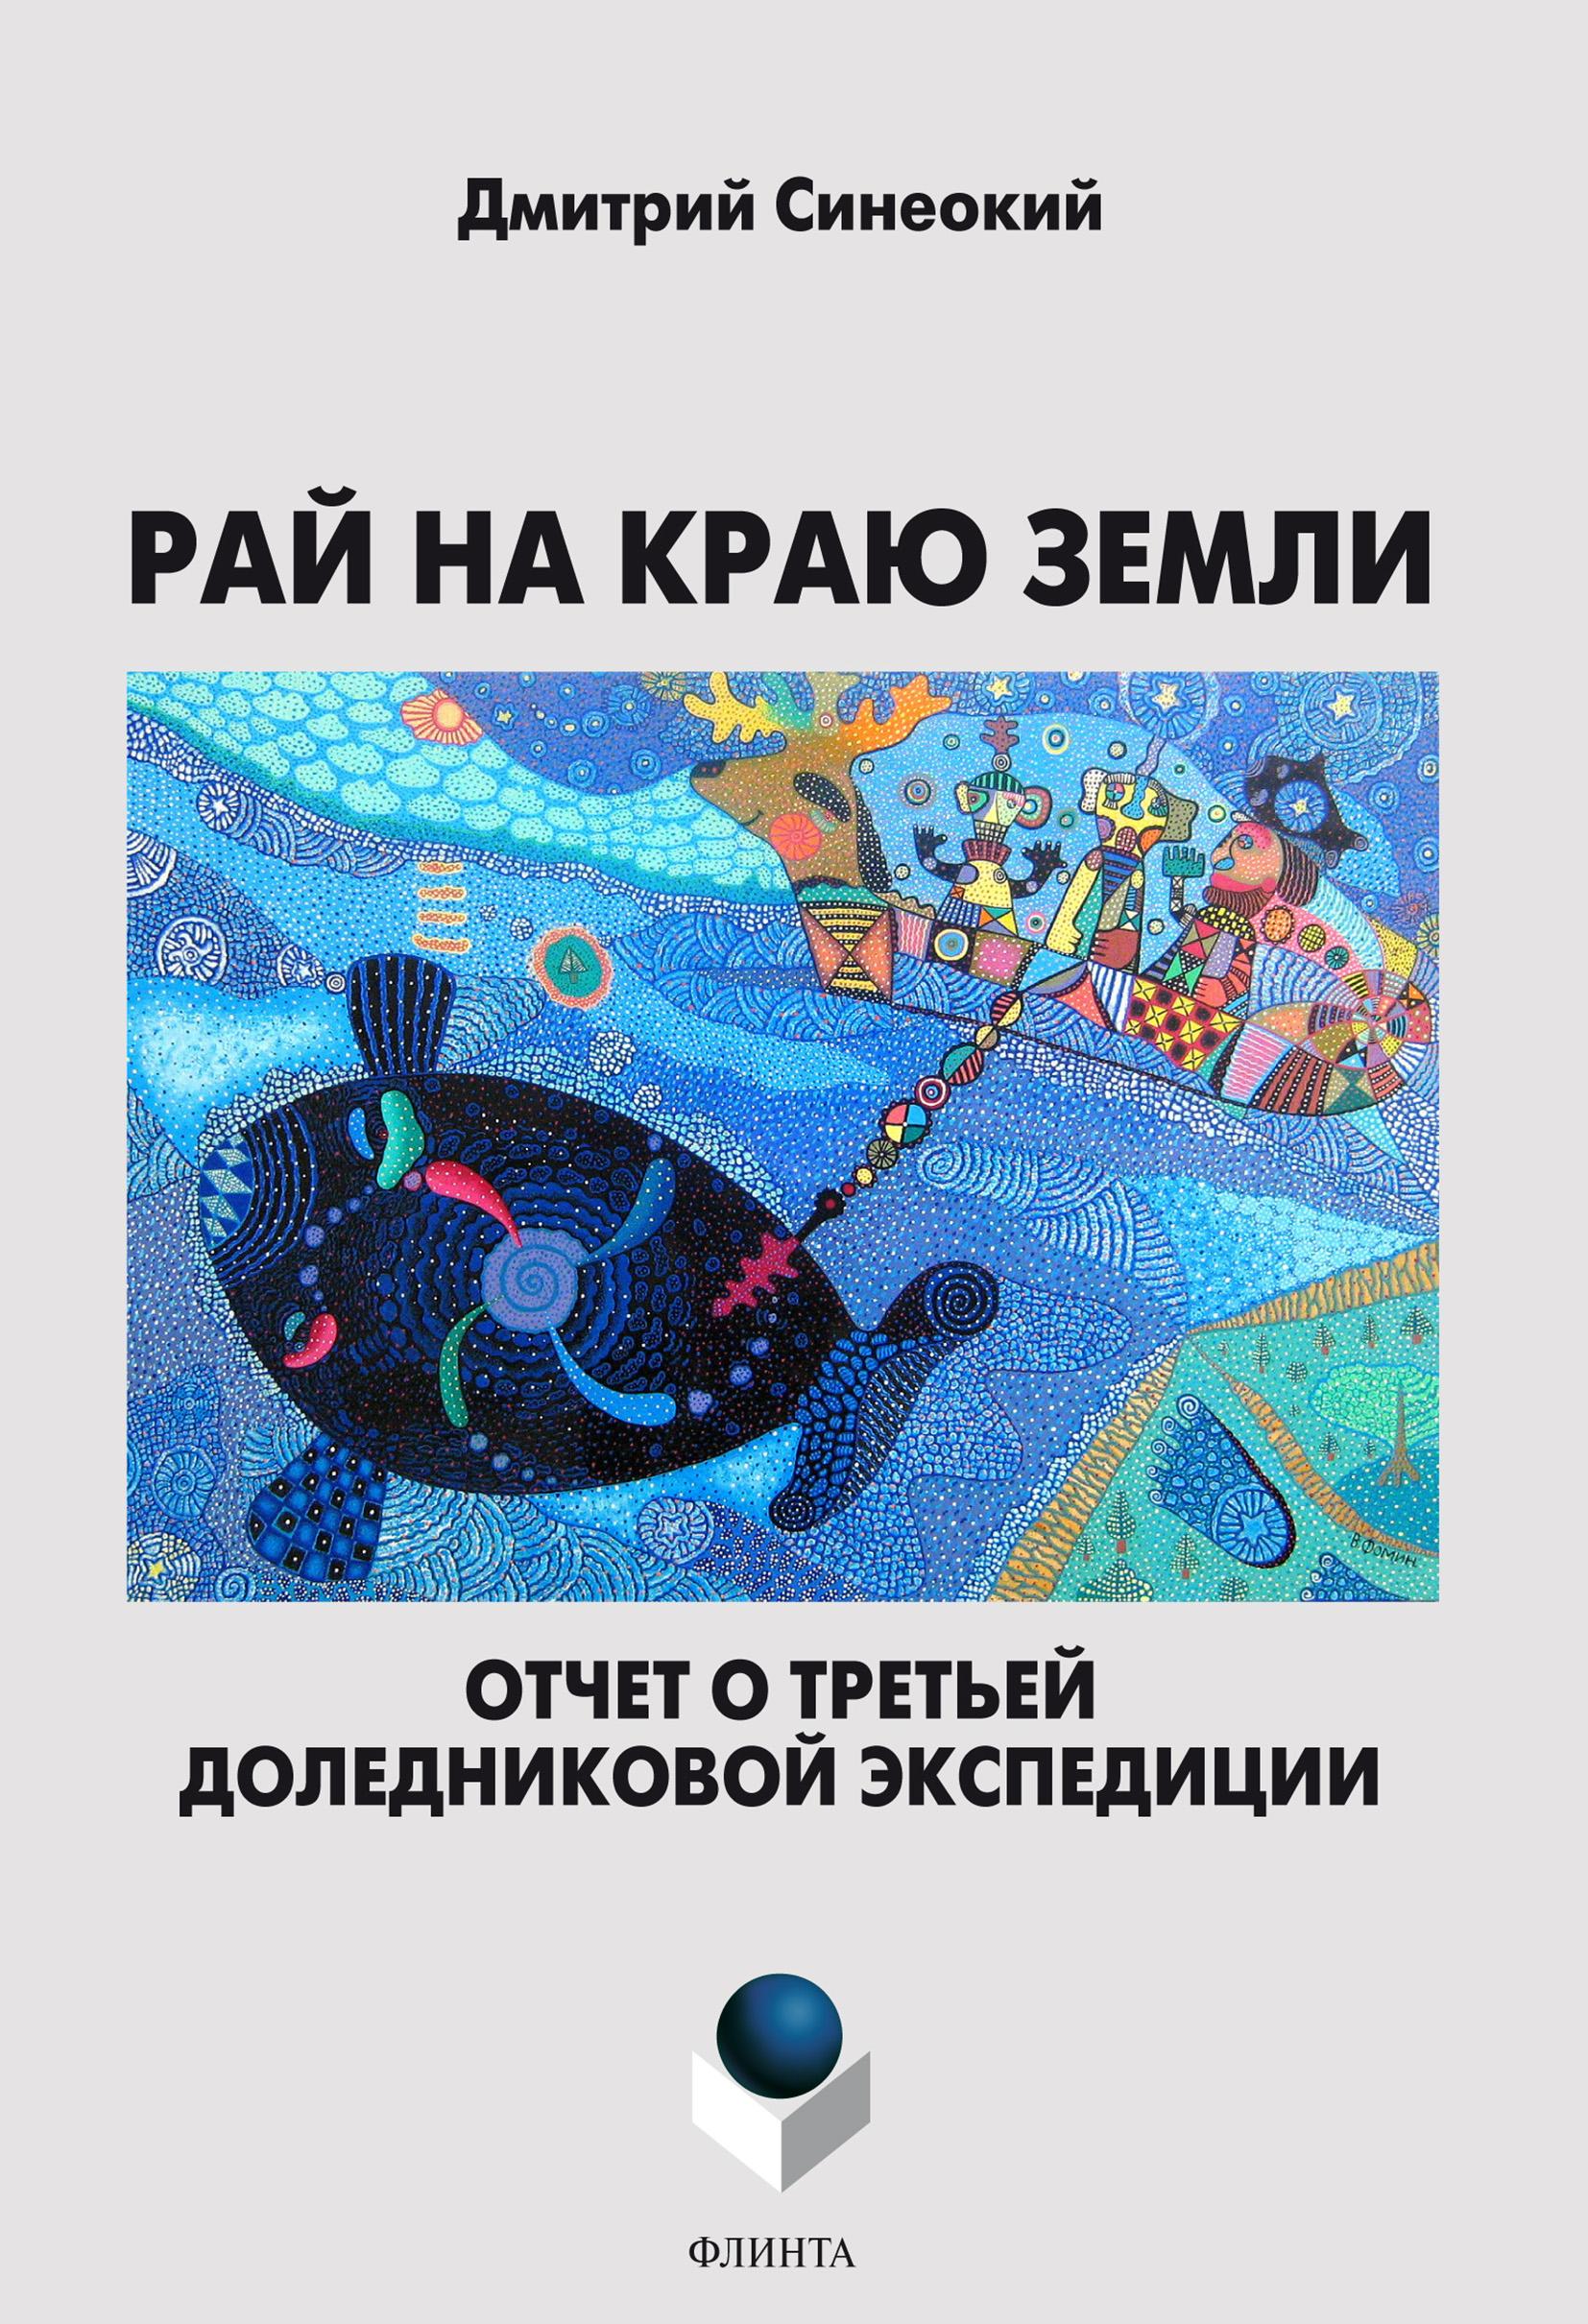 Д. А. Синеокий Рай на краю земли. Отчет о третьей доледниковой экспедиции